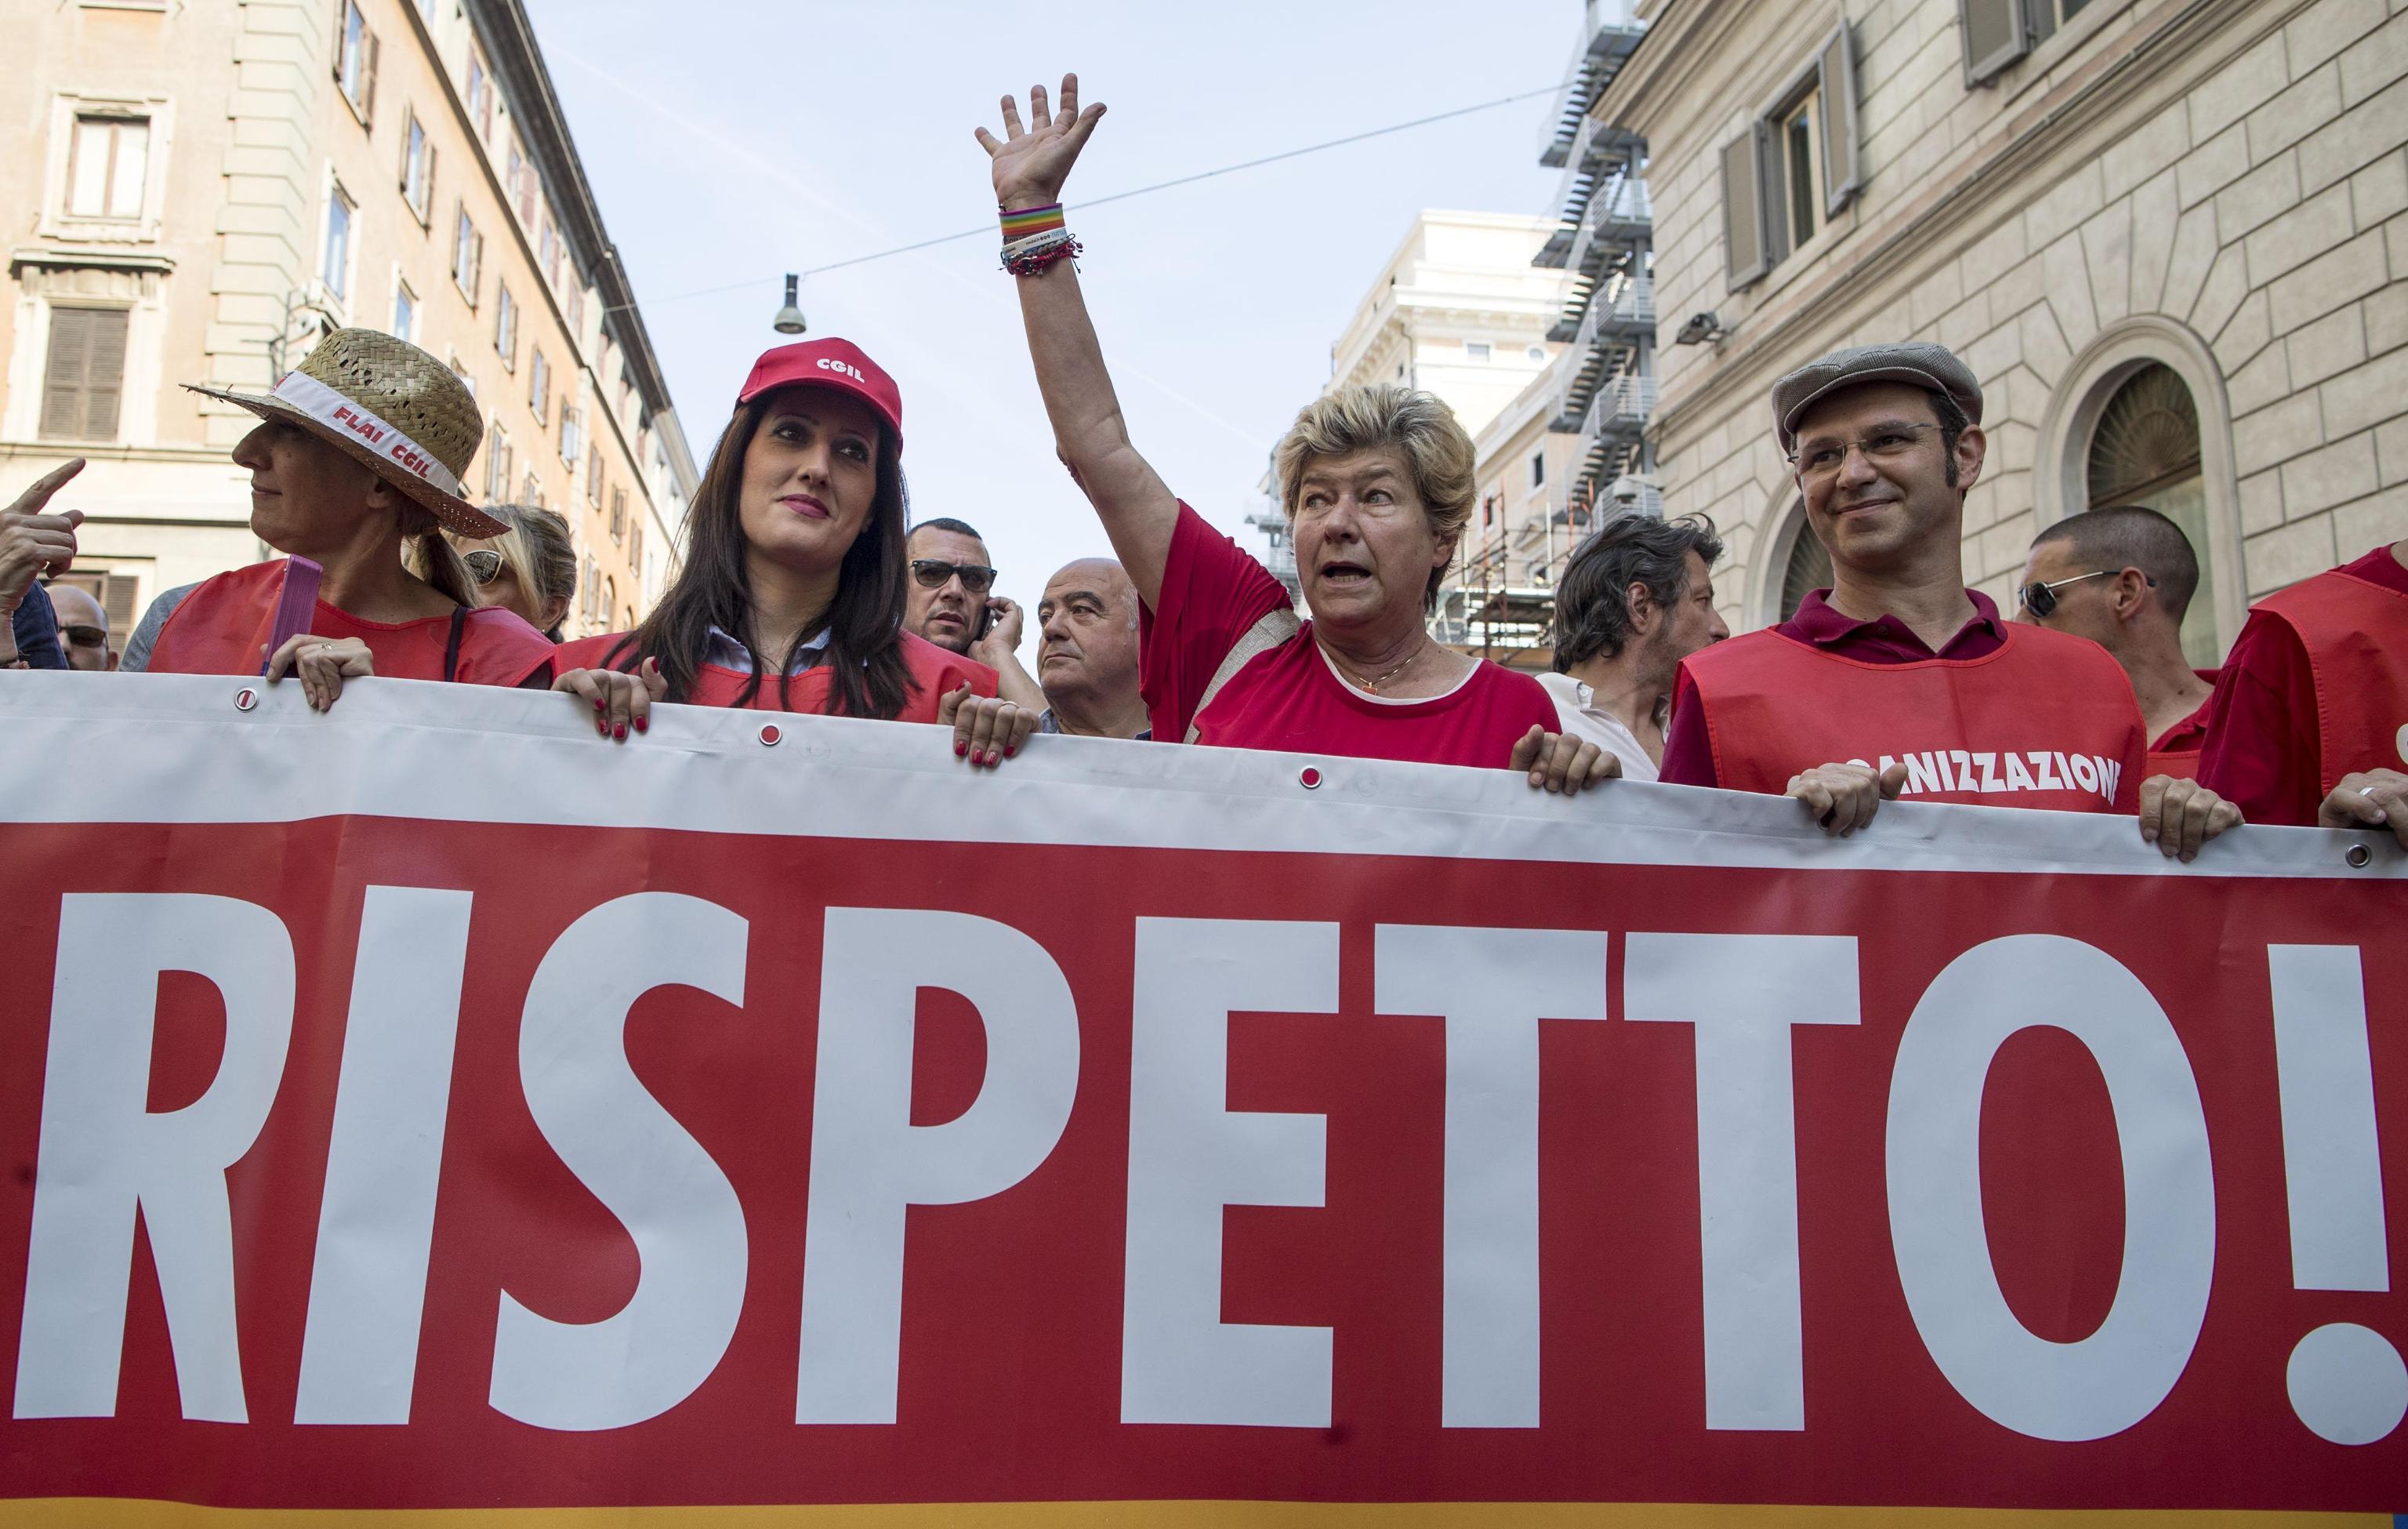 Pensioni news oggi: aumento dell'età pensionabile, è scontro tra sindacati e governo